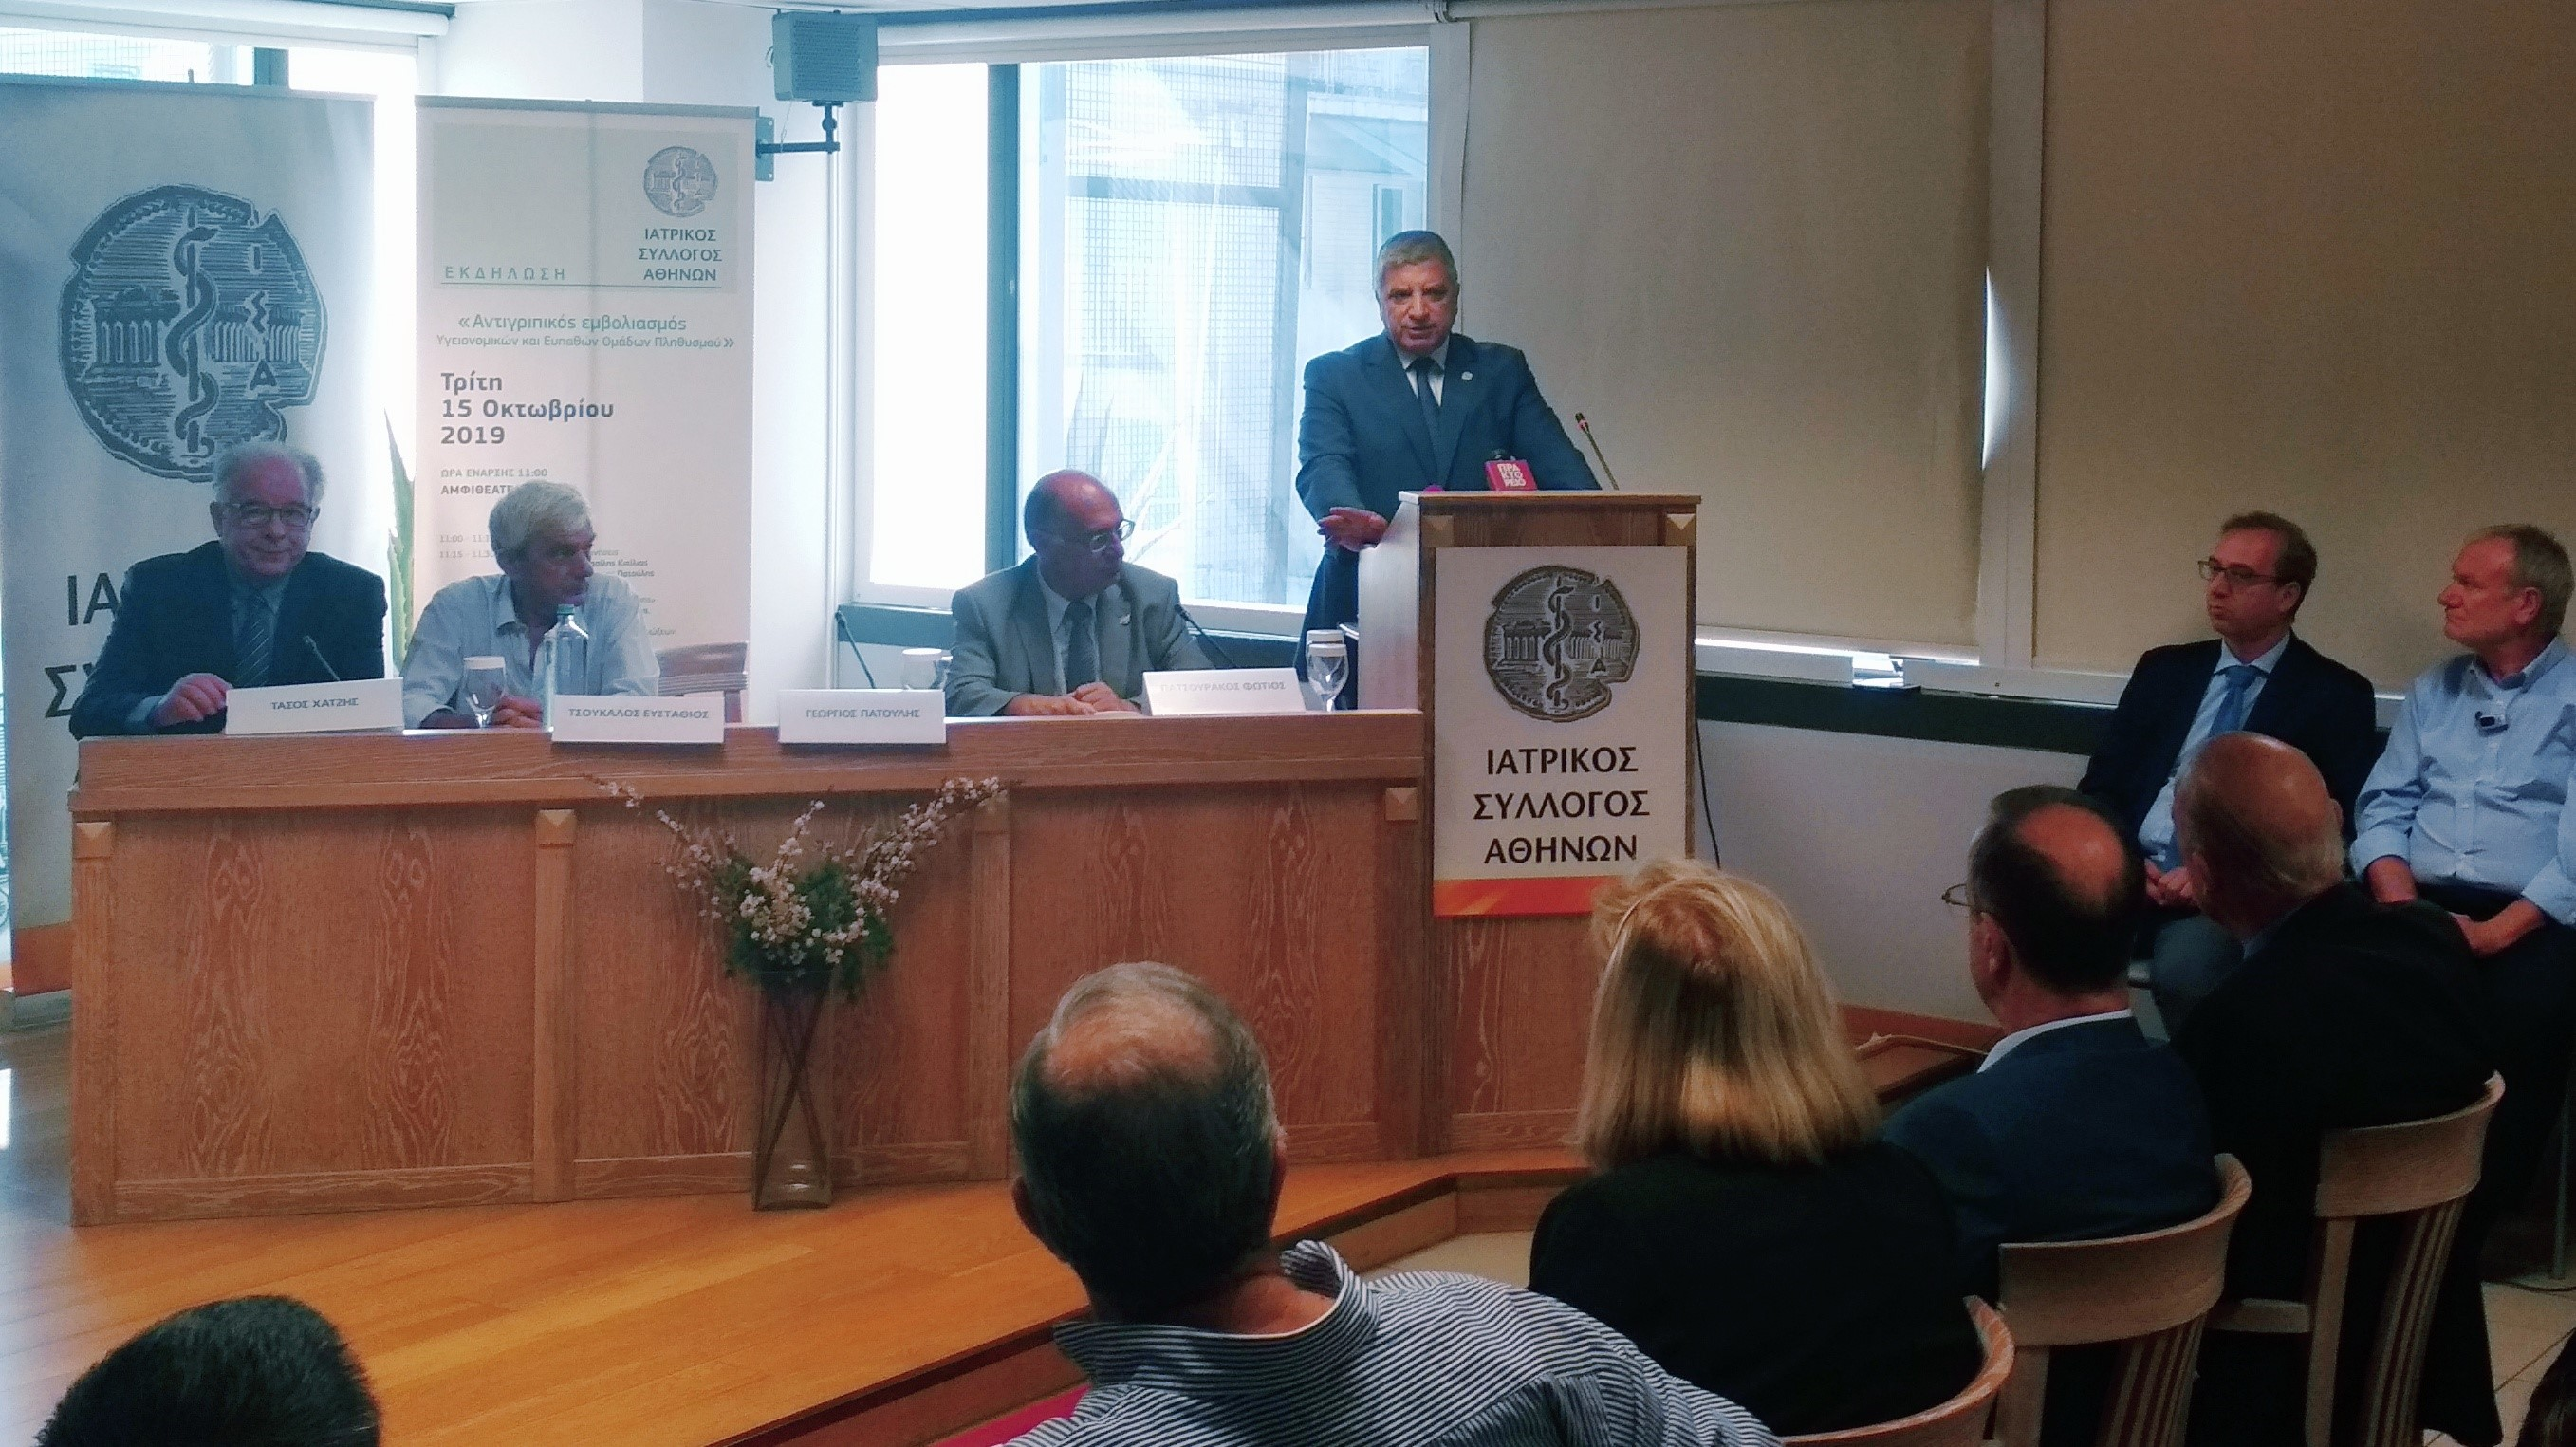 Ο ΣΥ.Δ.Α. στην εκδήλωση του ΙΣΑ: Ξεκινάει εκστρατεία ενημέρωσης για τον εμβολιασμό κατά της γρίπης